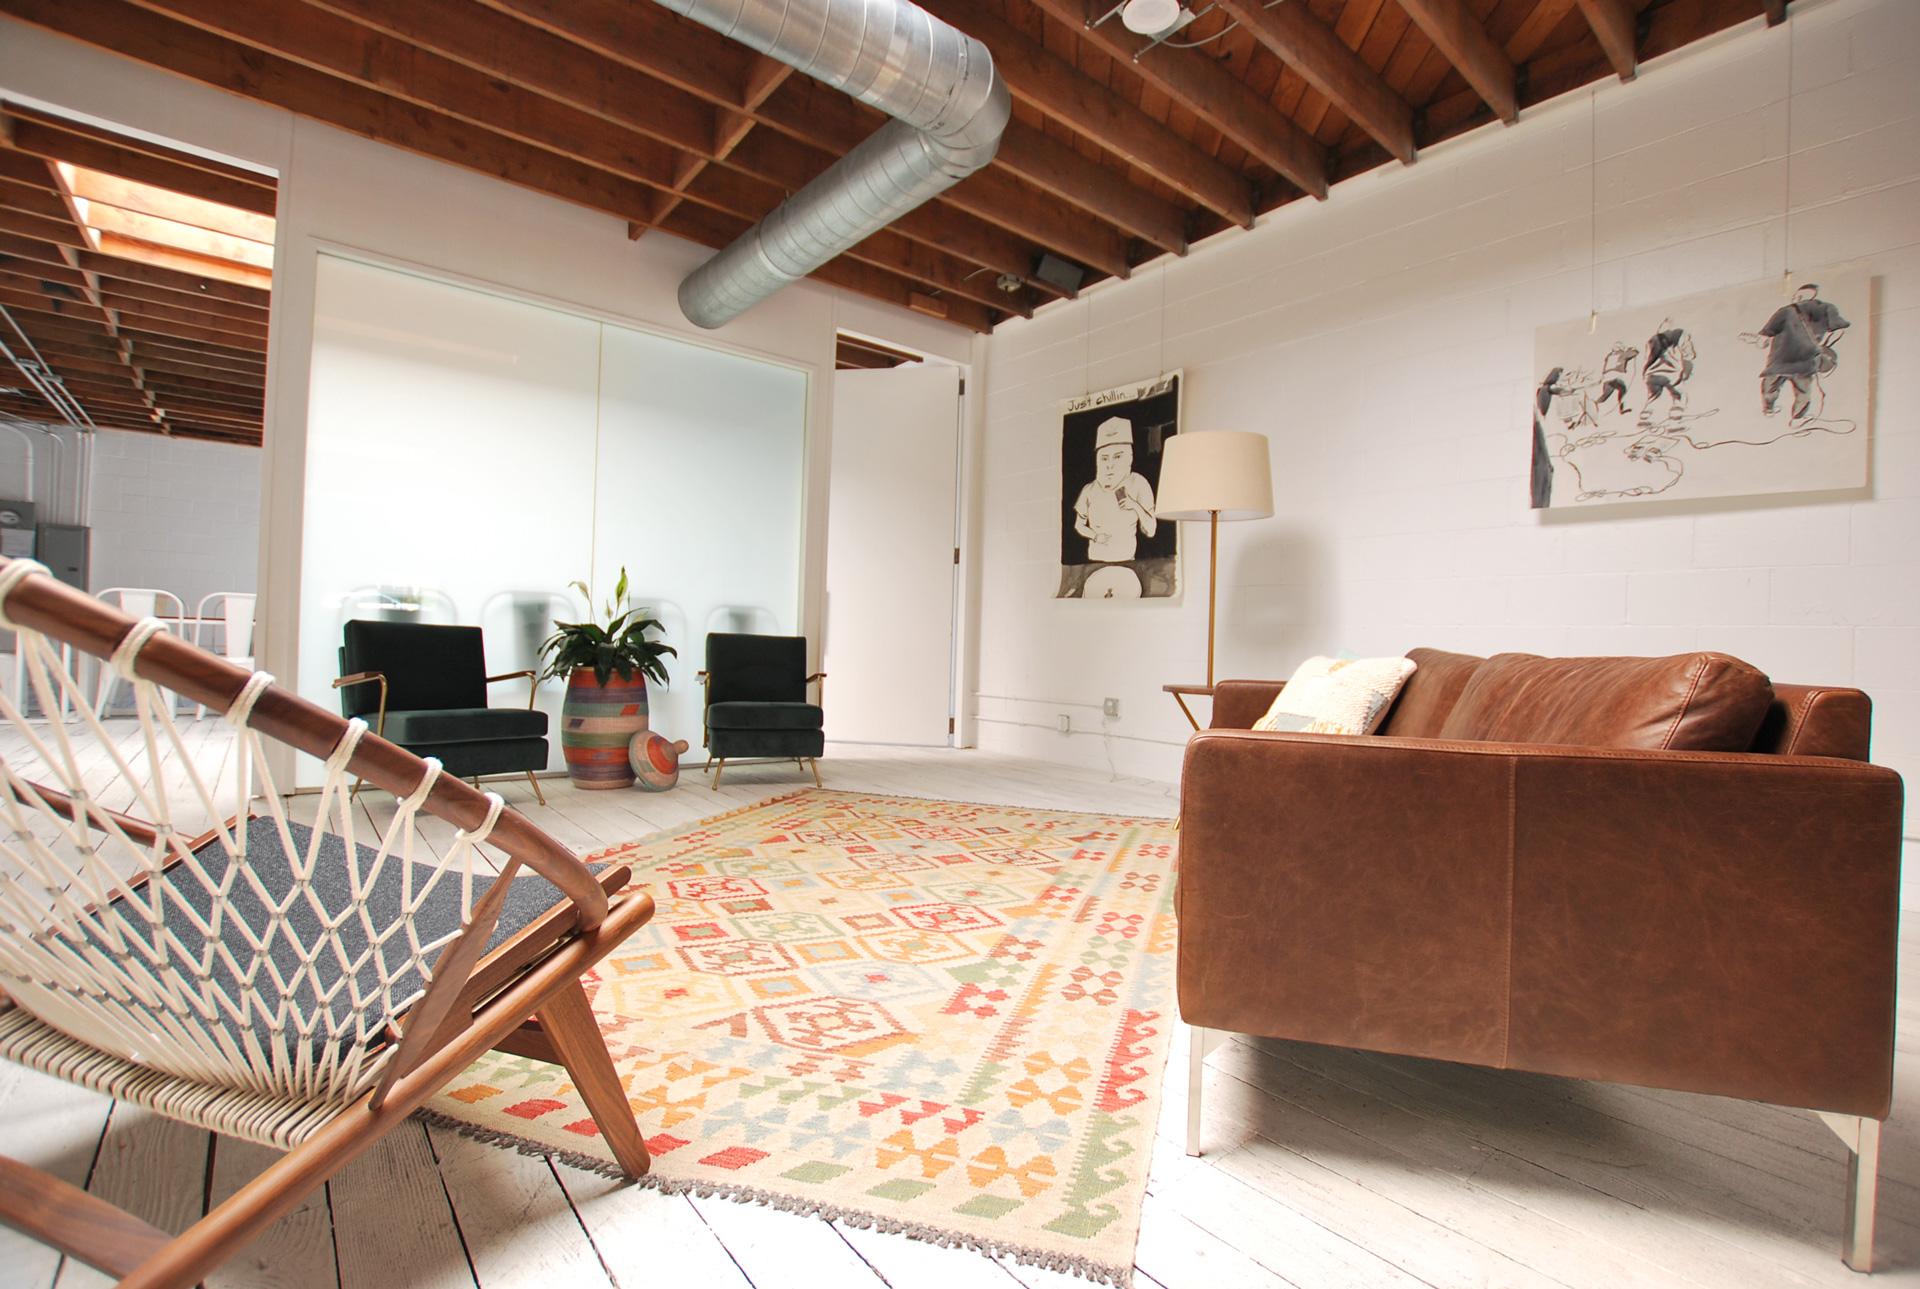 Studio - Petalfox Studio at UNITA215 Arena StreetEl Segundo, Los Angeles, CAhello@petalfox.com